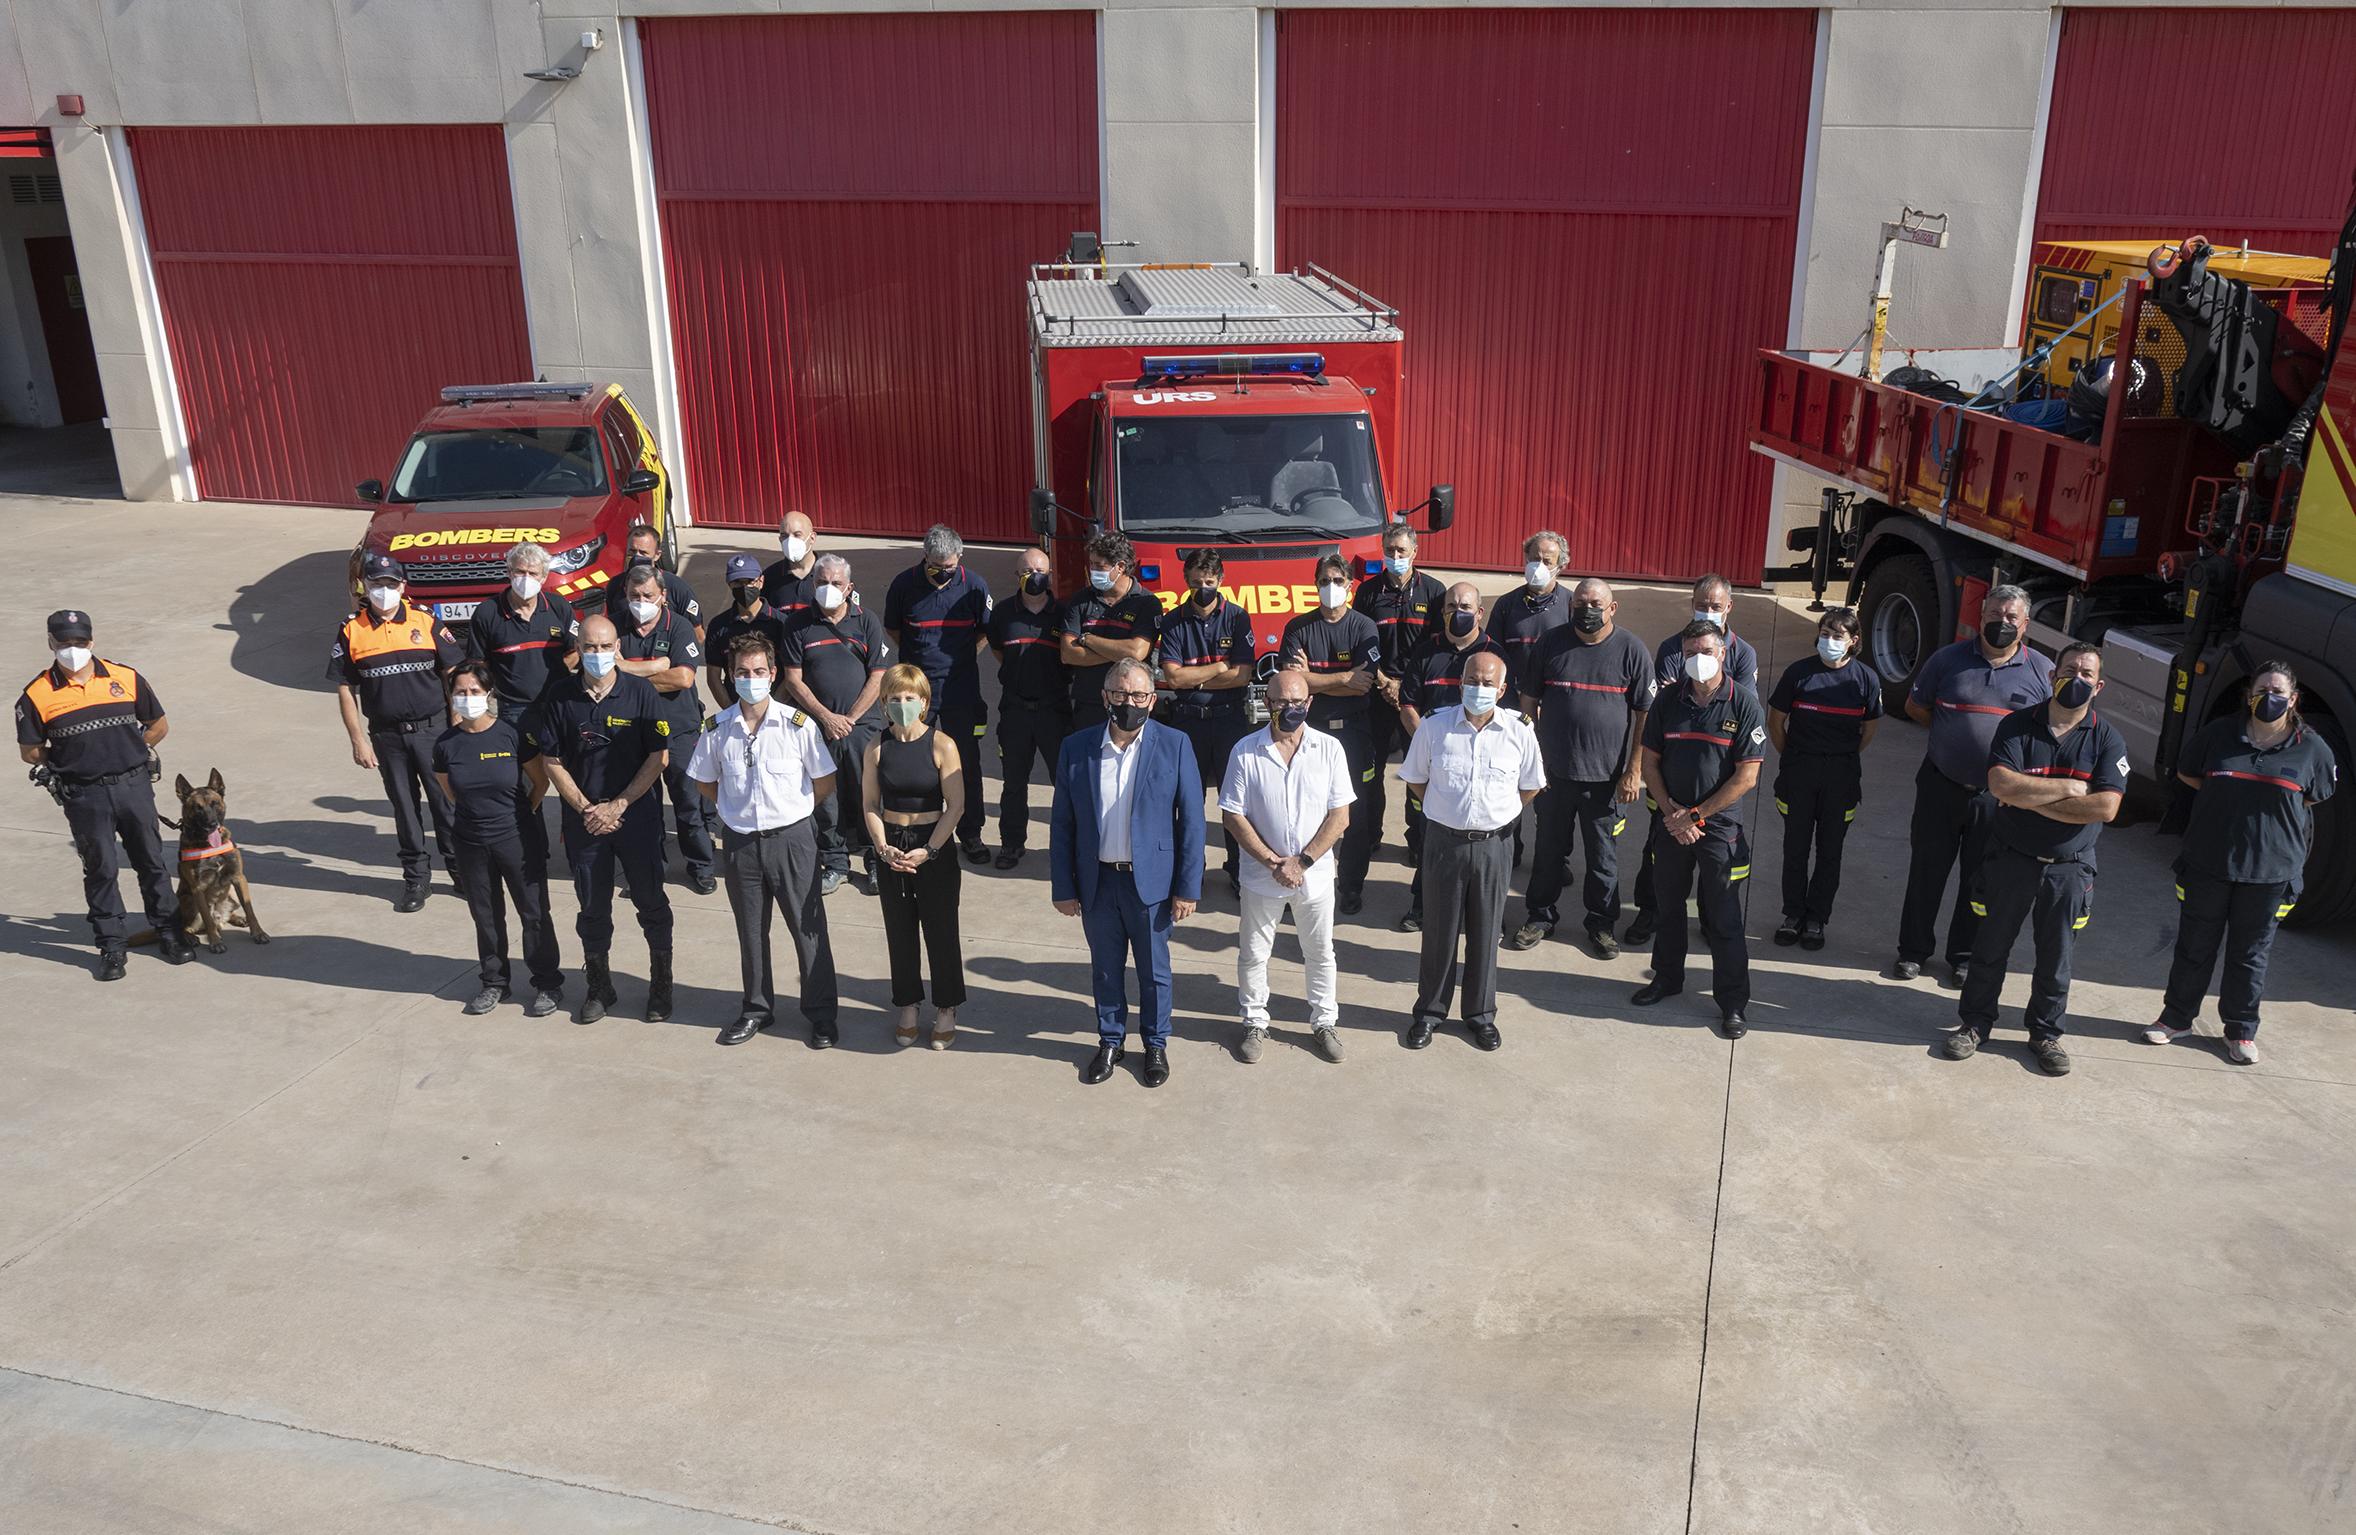 José Martí pone en valor que este verano los bomberos de la Diputación han rescatado a 34 personas en situación de grave riesgo vital